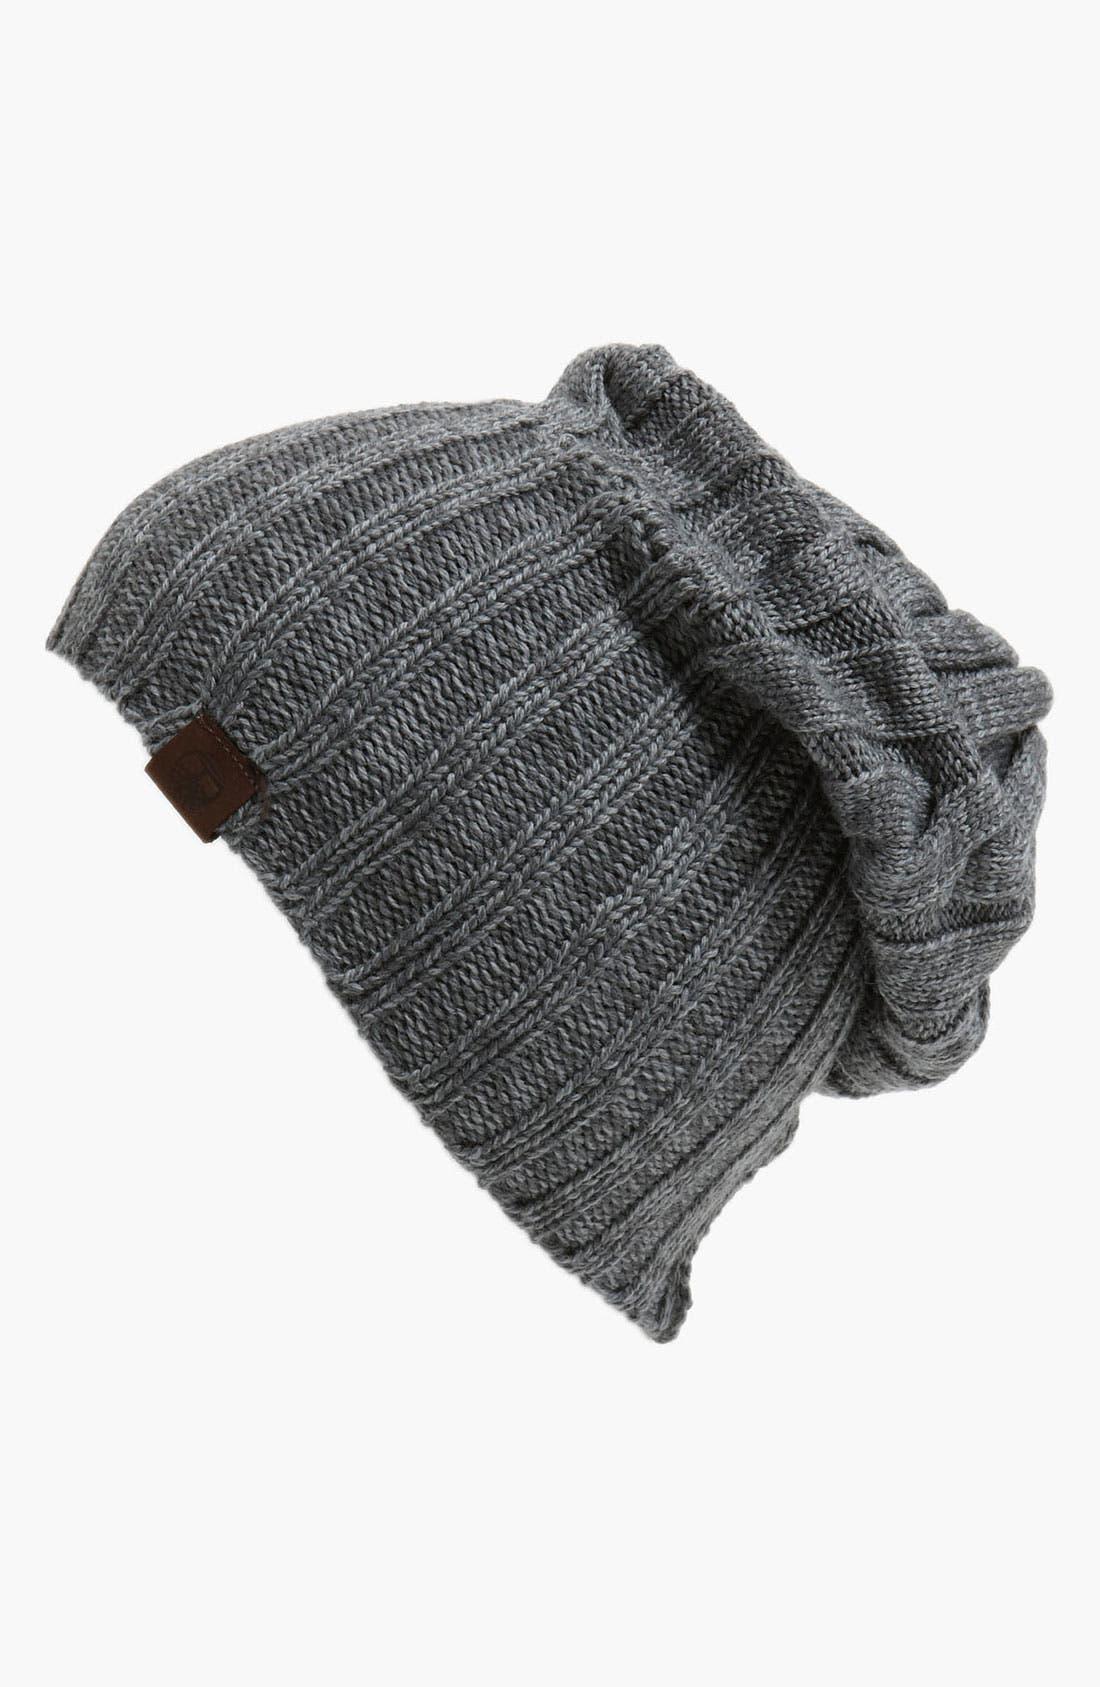 Alternate Image 1 Selected - Timberland Merino Wool Beanie